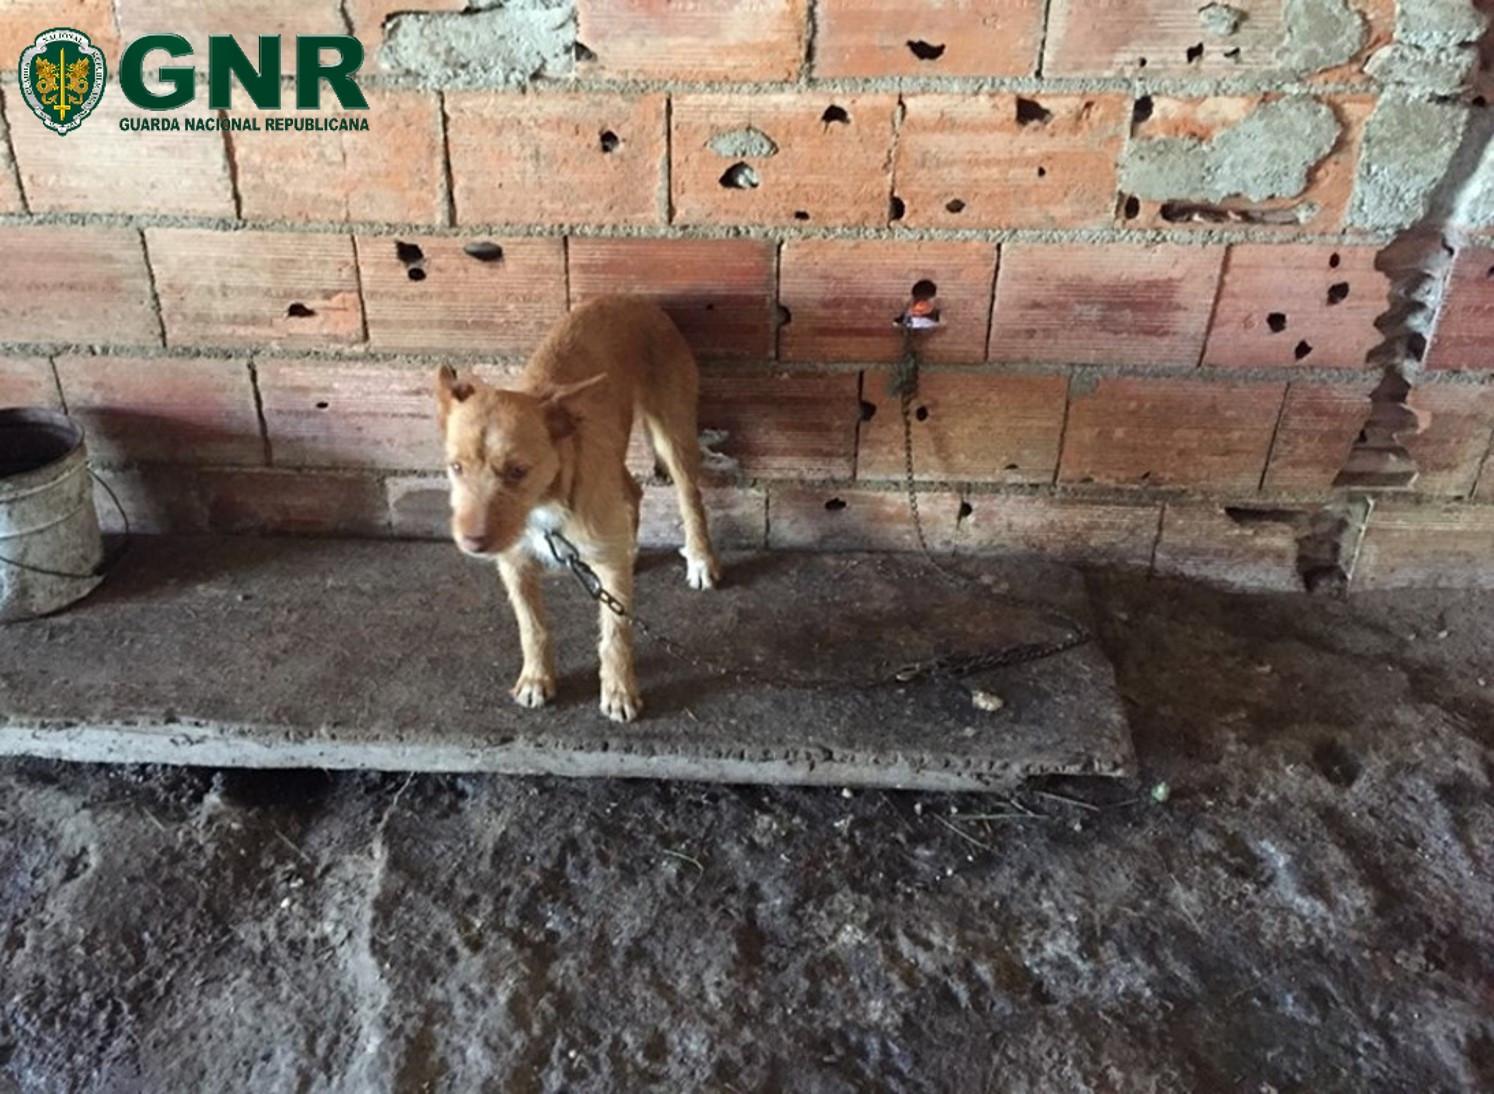 Mantinha cães sem condições. Foi identificado por maus tratos a animais